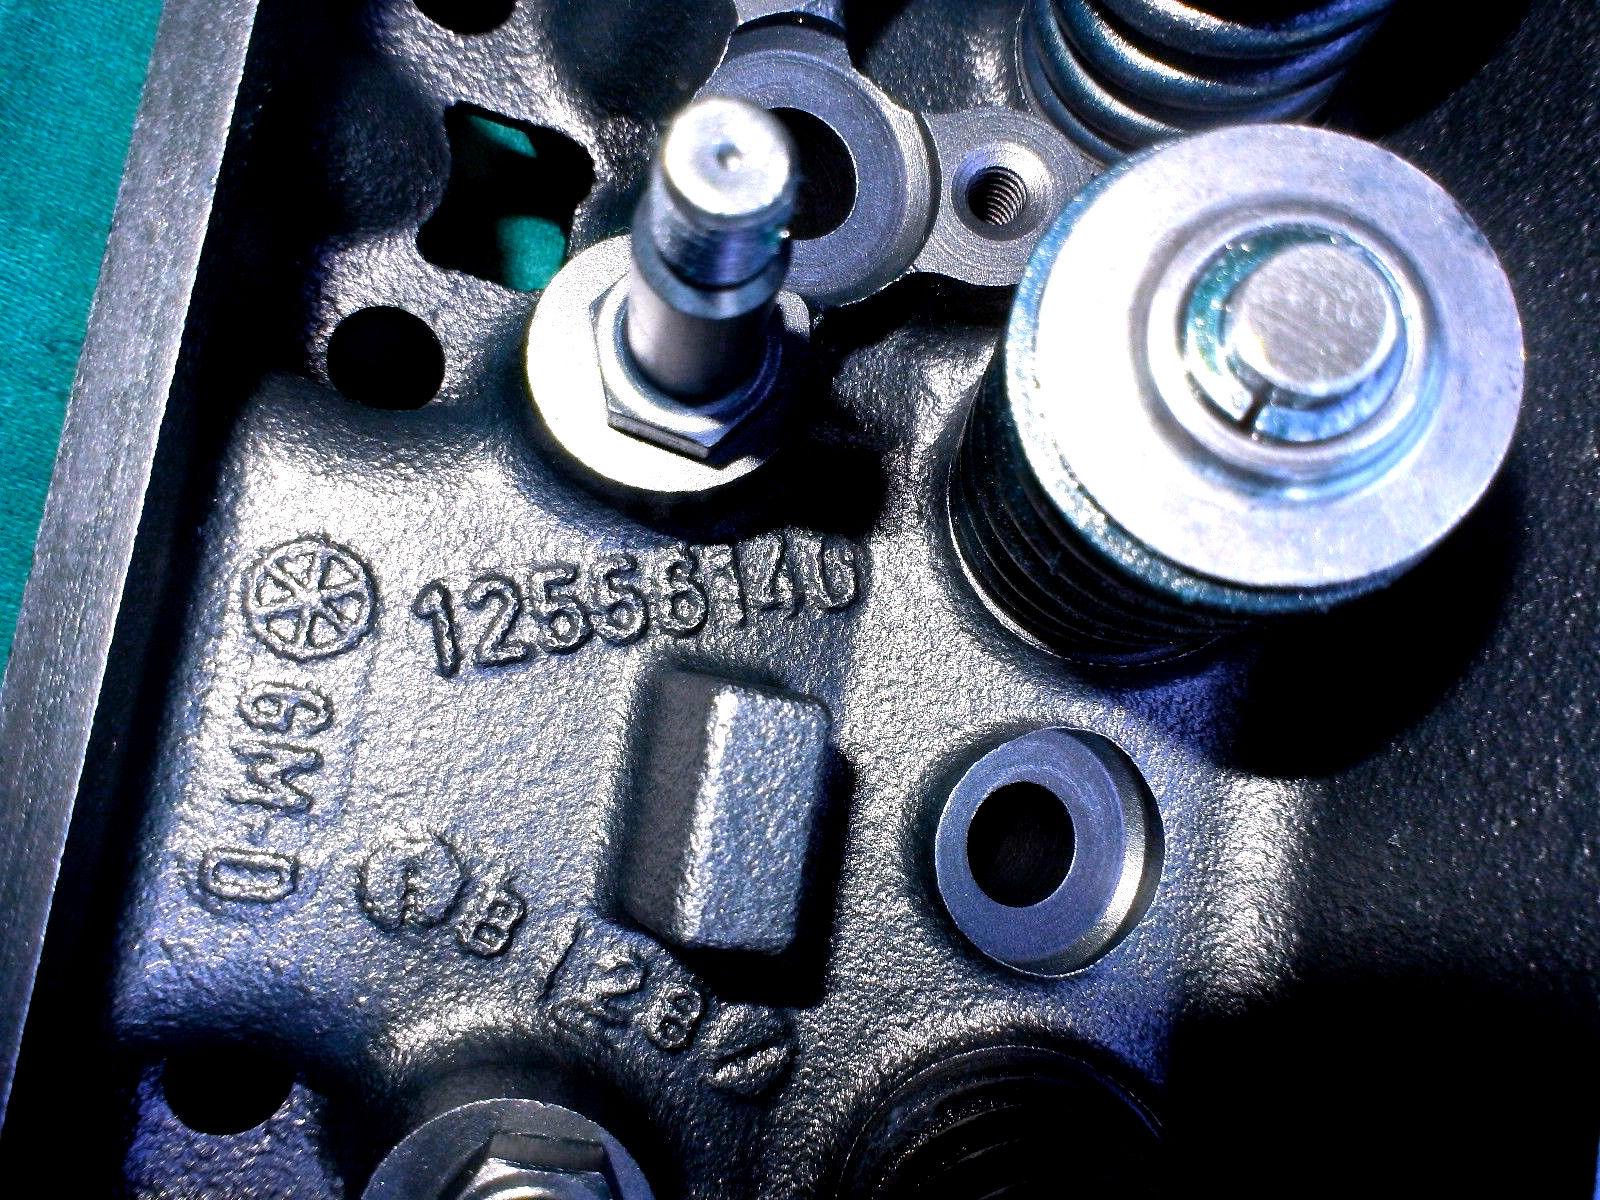 772 CYLINDER HEADS V-6 VORTEC MARINE HEADS PAIR 4.3 GM CHEVY 140